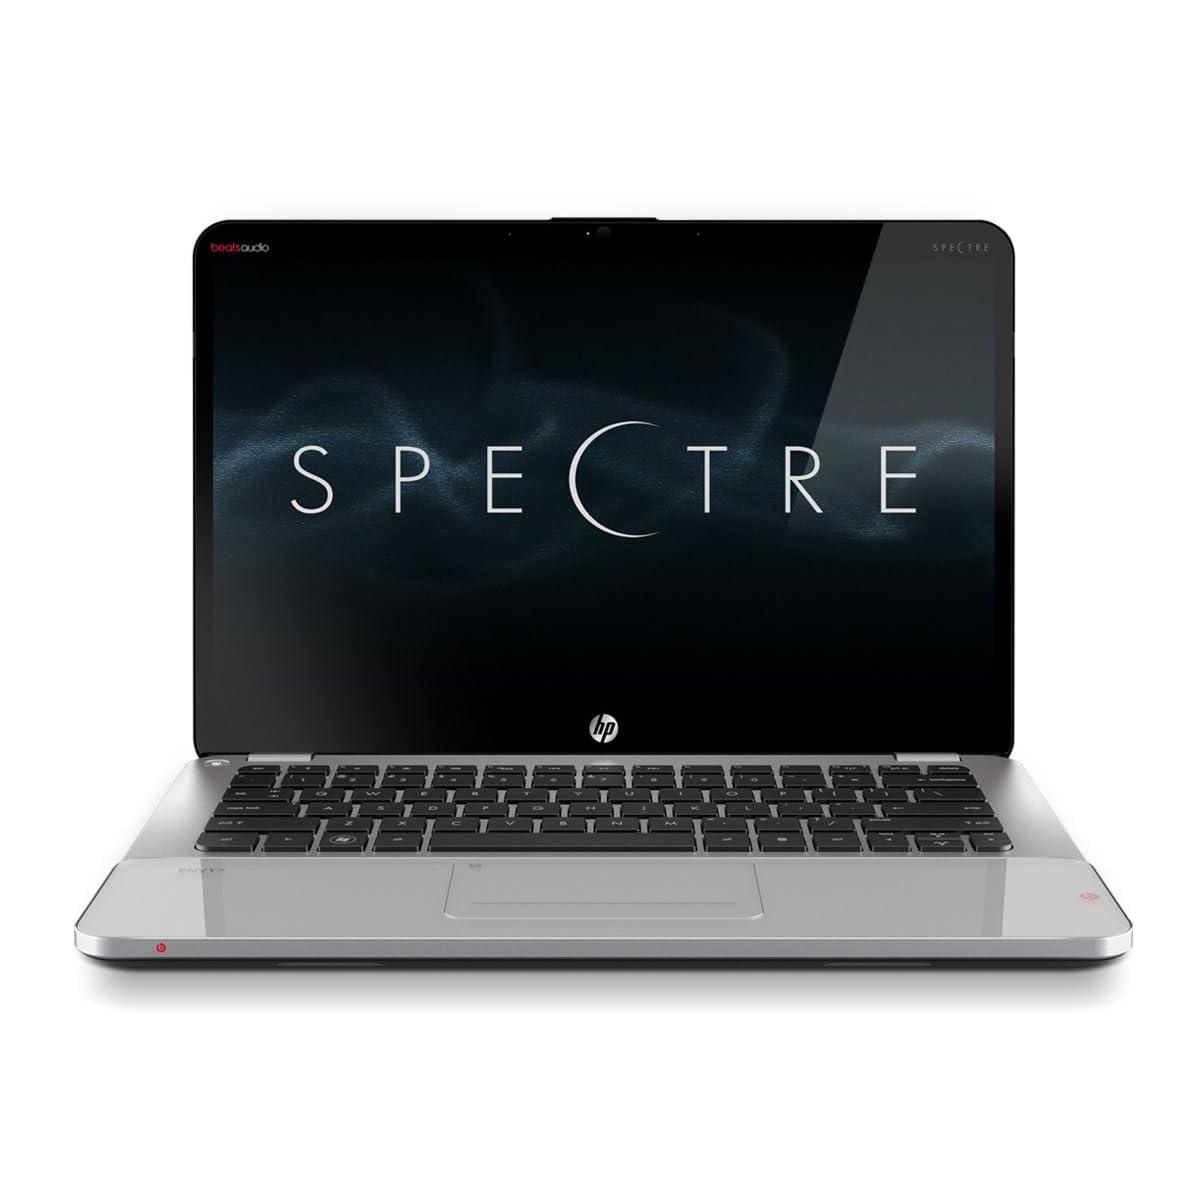 [Consulta] Hp Envy Spectre o Asus Zenbook